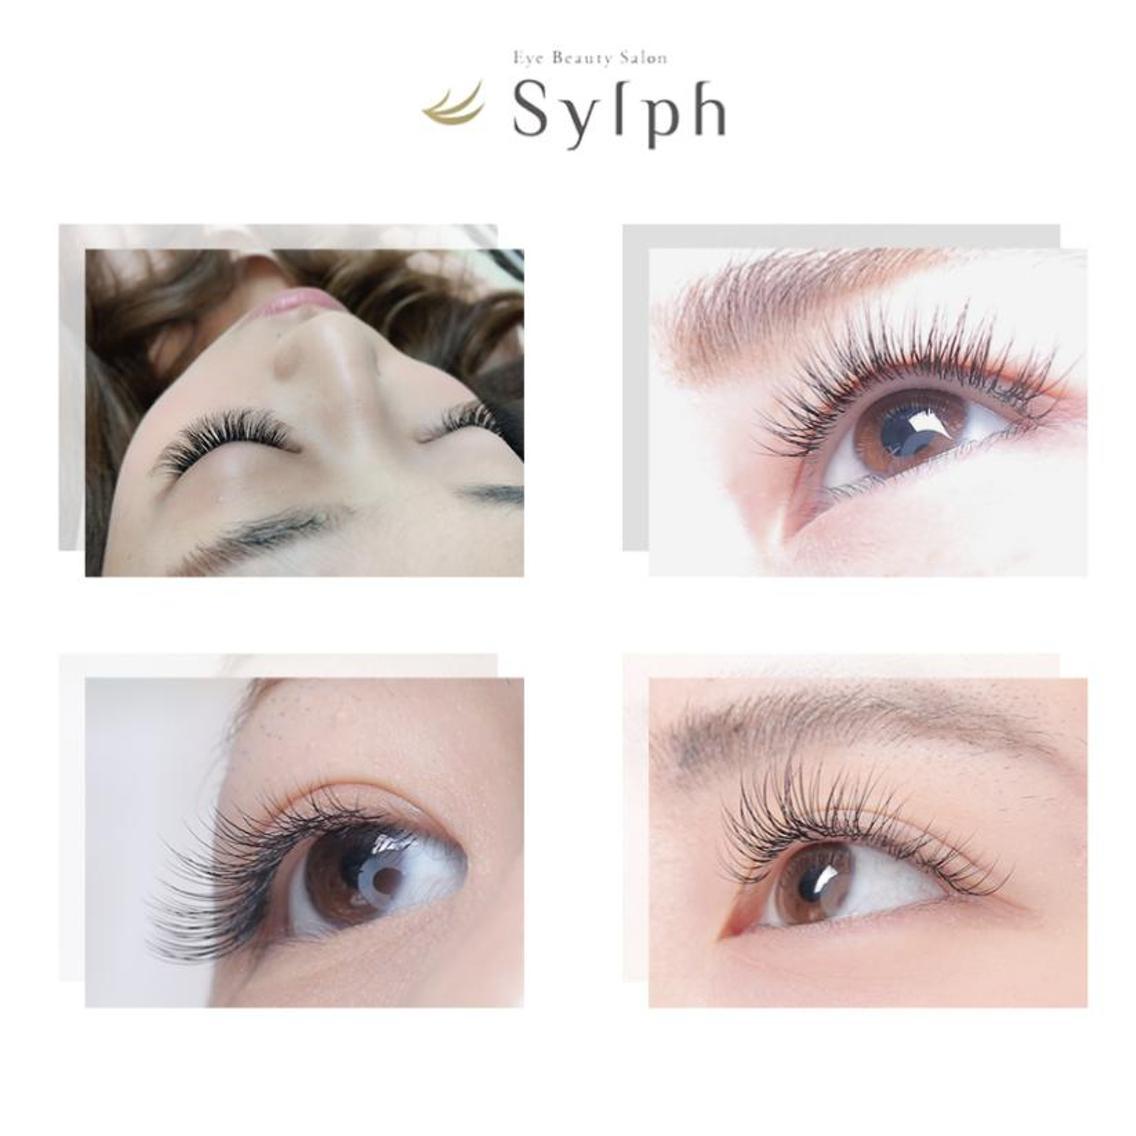 eye Beauty salon Sylph 塚本店所属・奥田浩貴の掲載